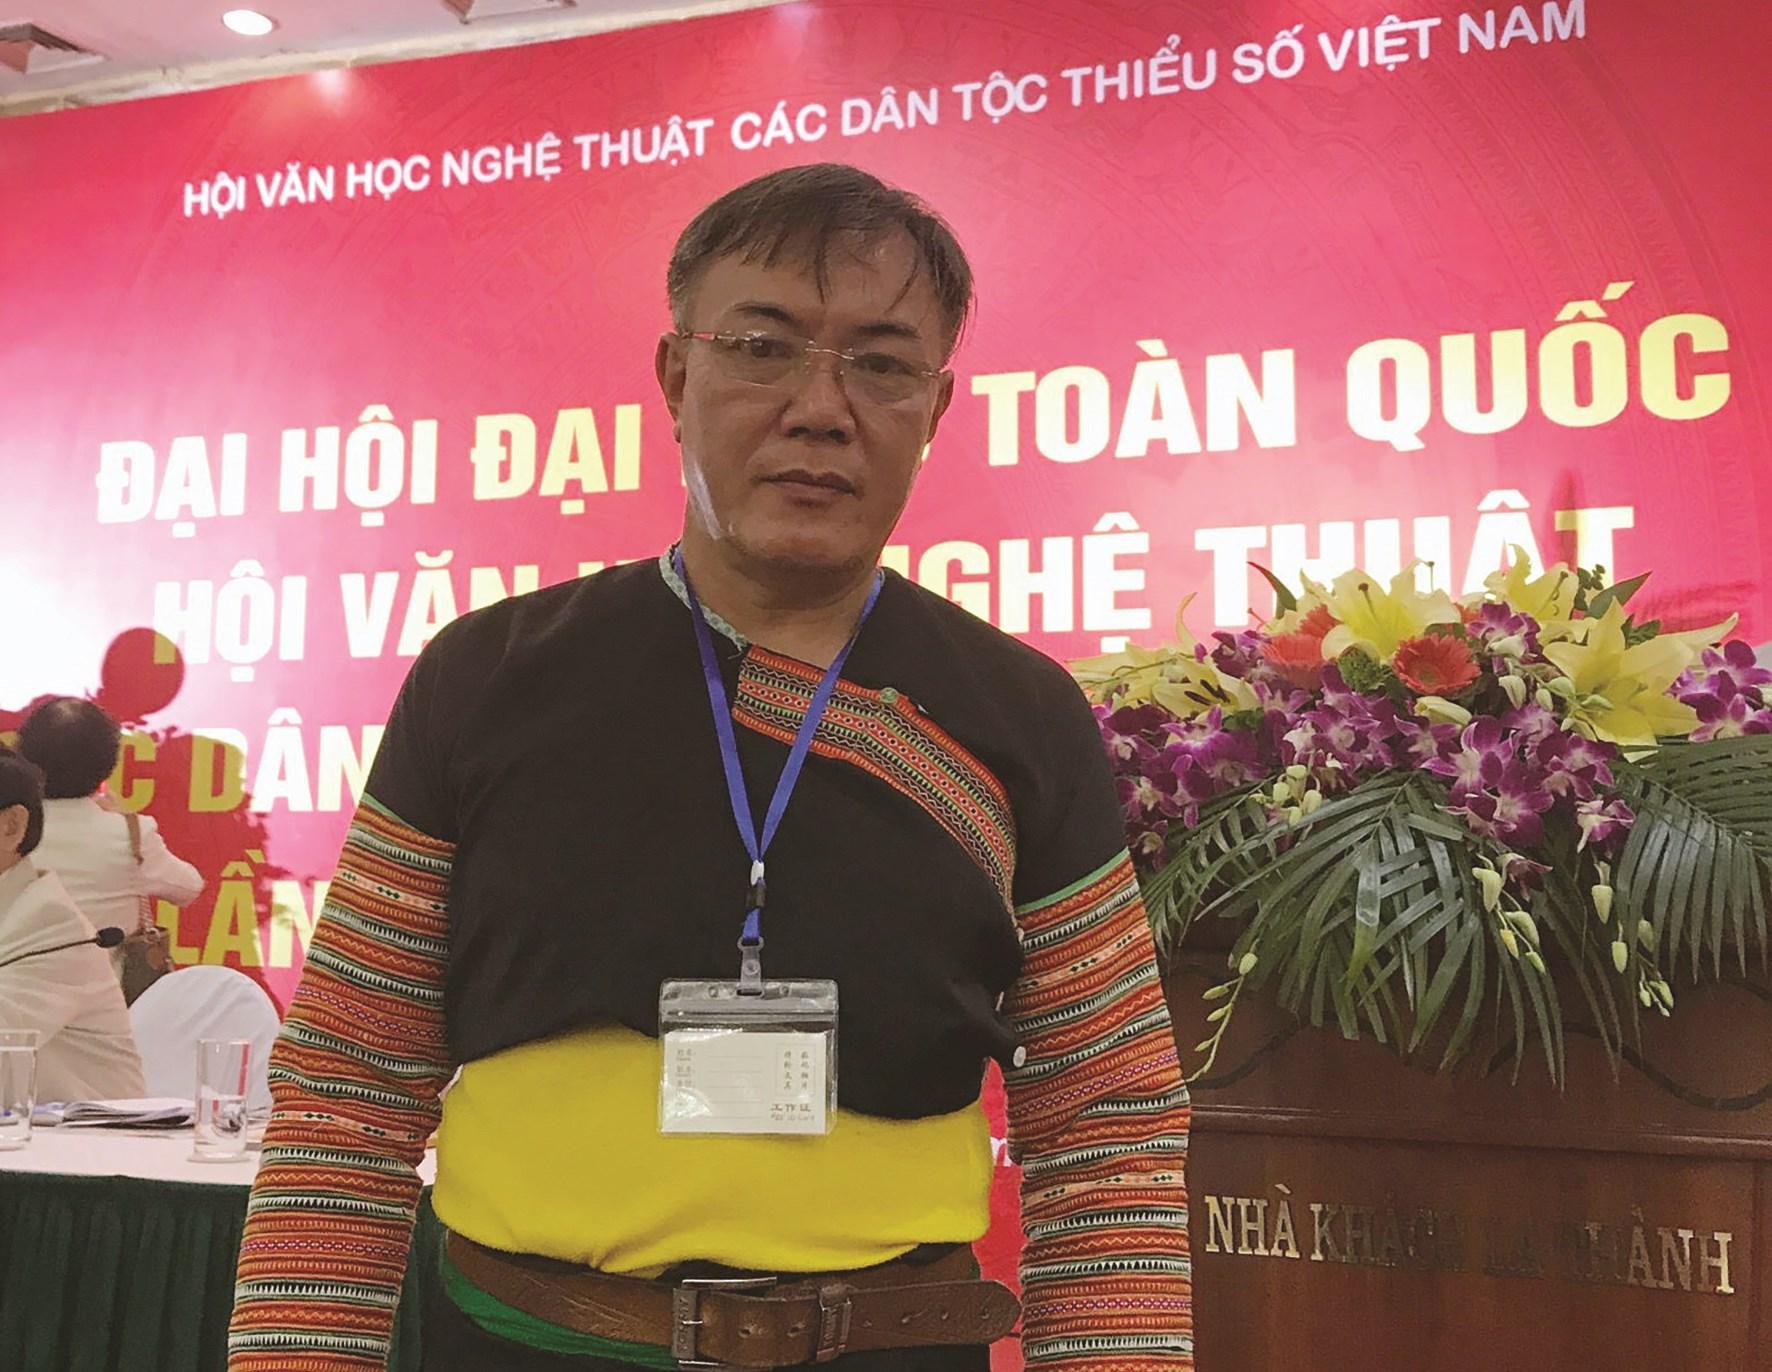 Nhạc sĩ Lầu A Sa tại Đại hội Đại biểu toàn quốc Hội Văn học Nghệ thuật các DTTS Việt Nam lần thứ VI, nhiệm kỳ 2019 - 2024